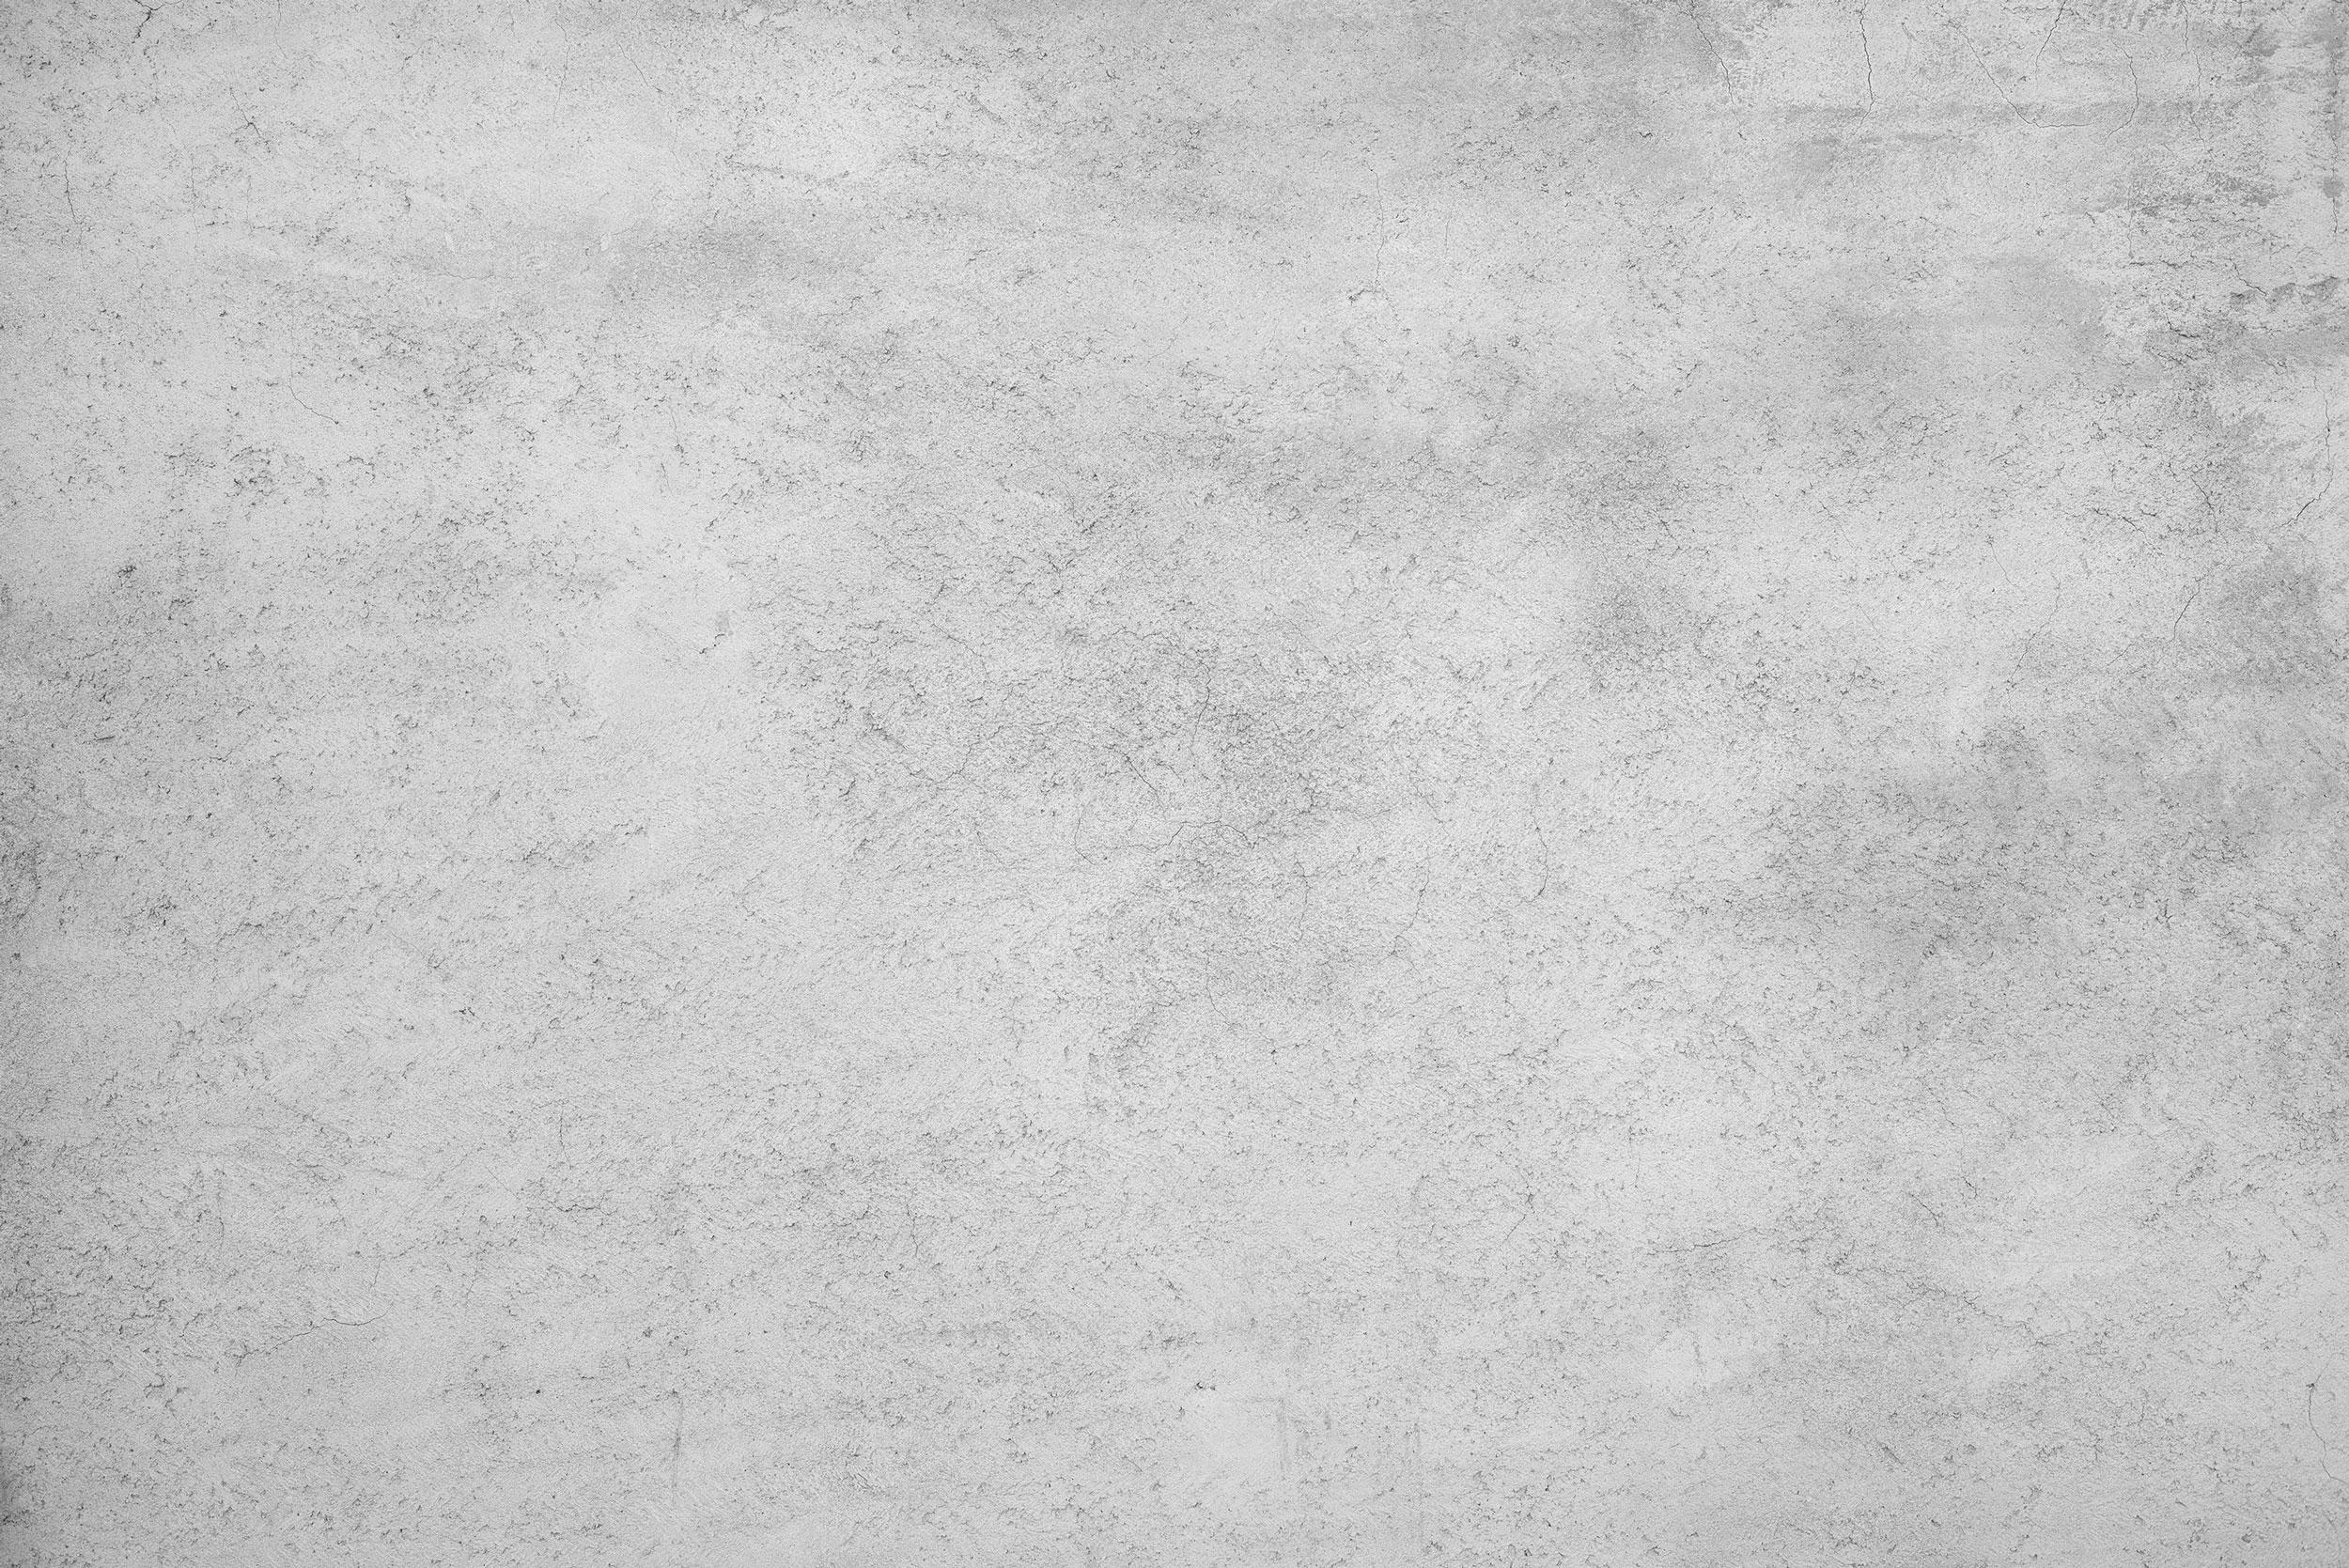 Бетон текстура фото можно ли добавлять колер в цементный раствор